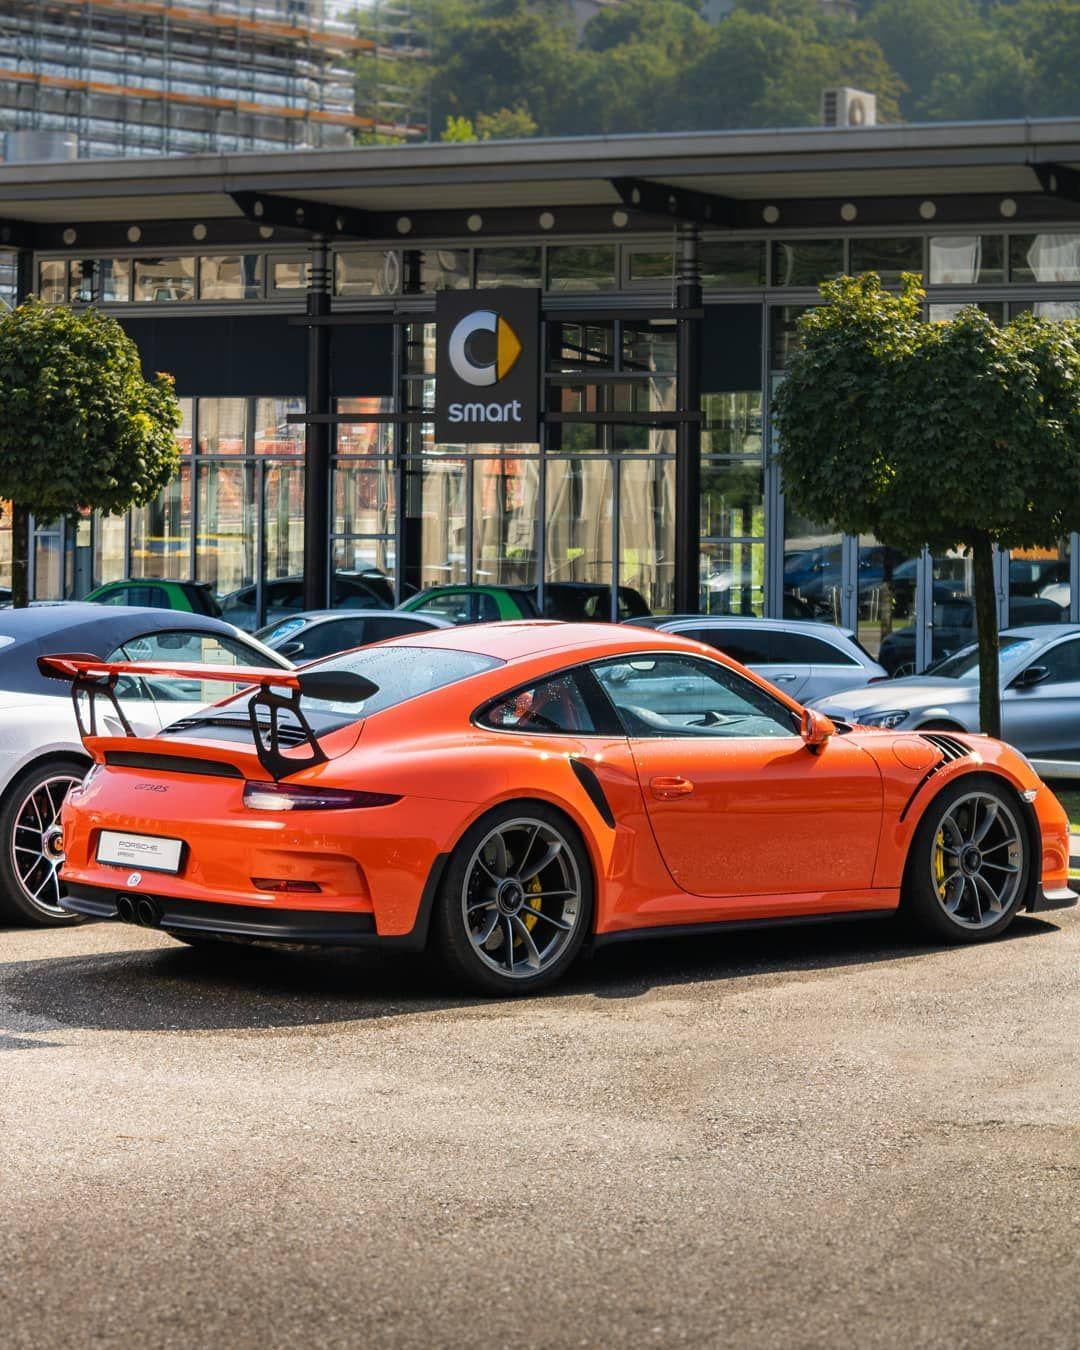 Porsche Gt3 Rs Super Luxury Cars Porsche Gt Porsche Gt3